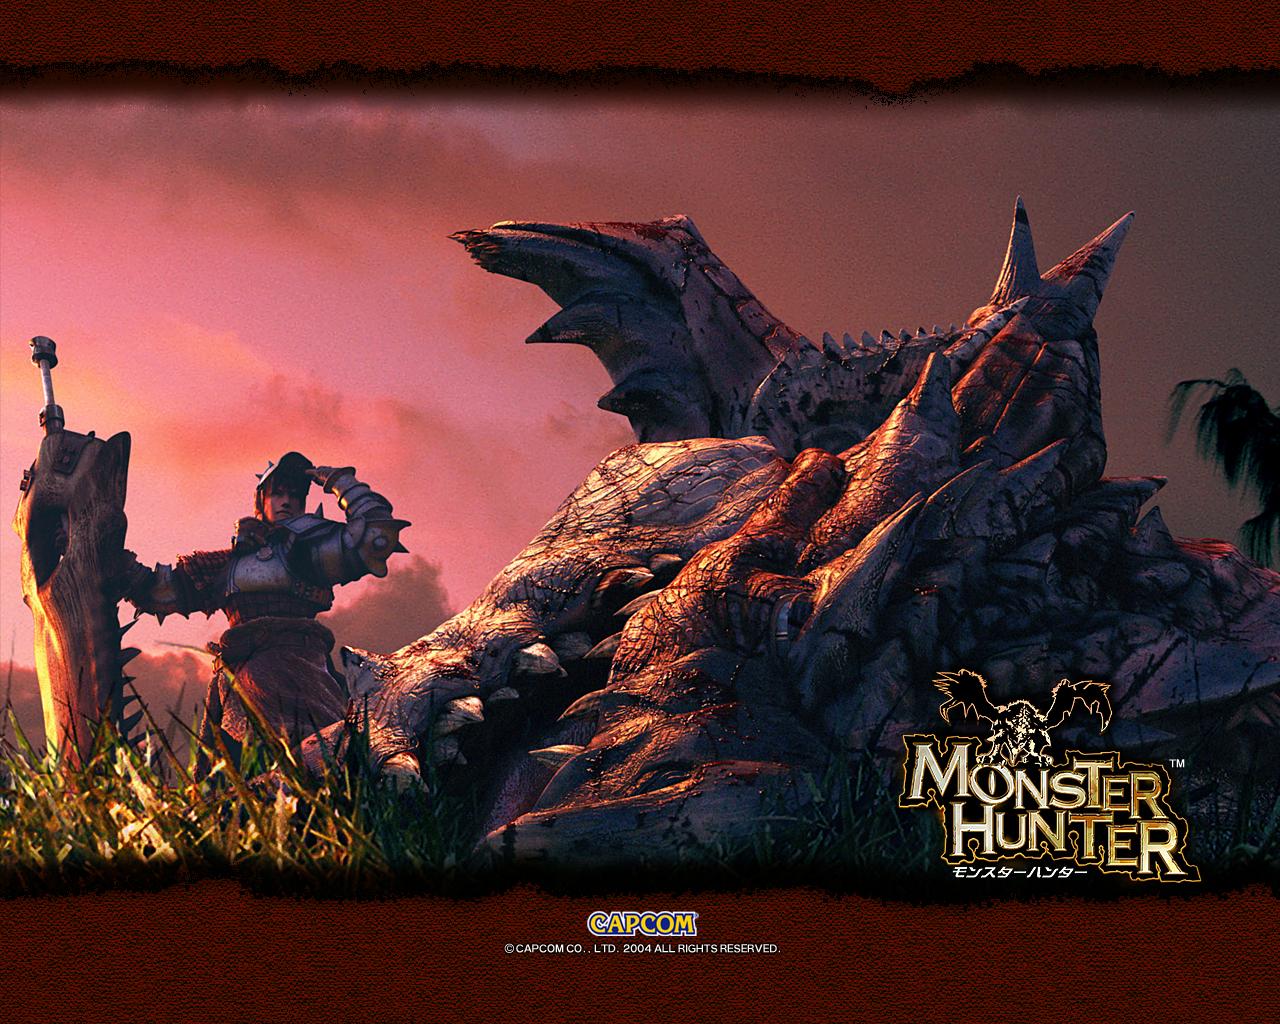 モンスターハンター 15周年 Ps2で生まれたオンラインゲームは